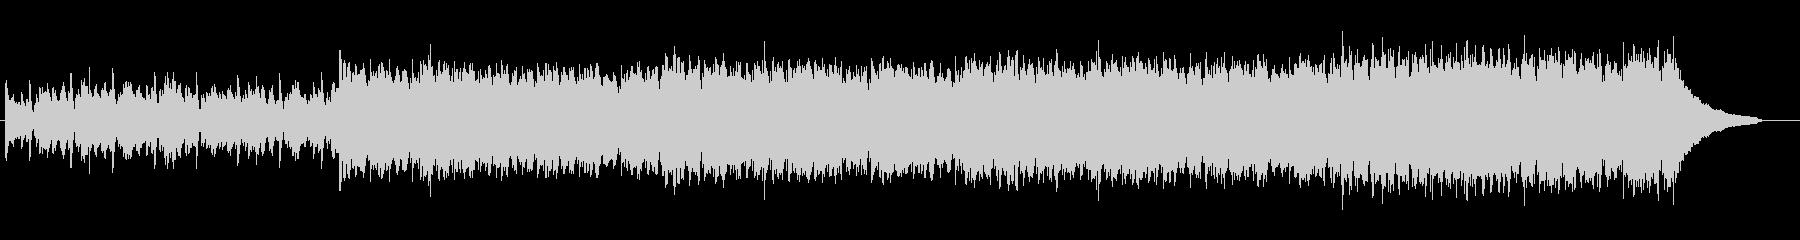 企業VP映像、128オーケストラ、感動bの未再生の波形